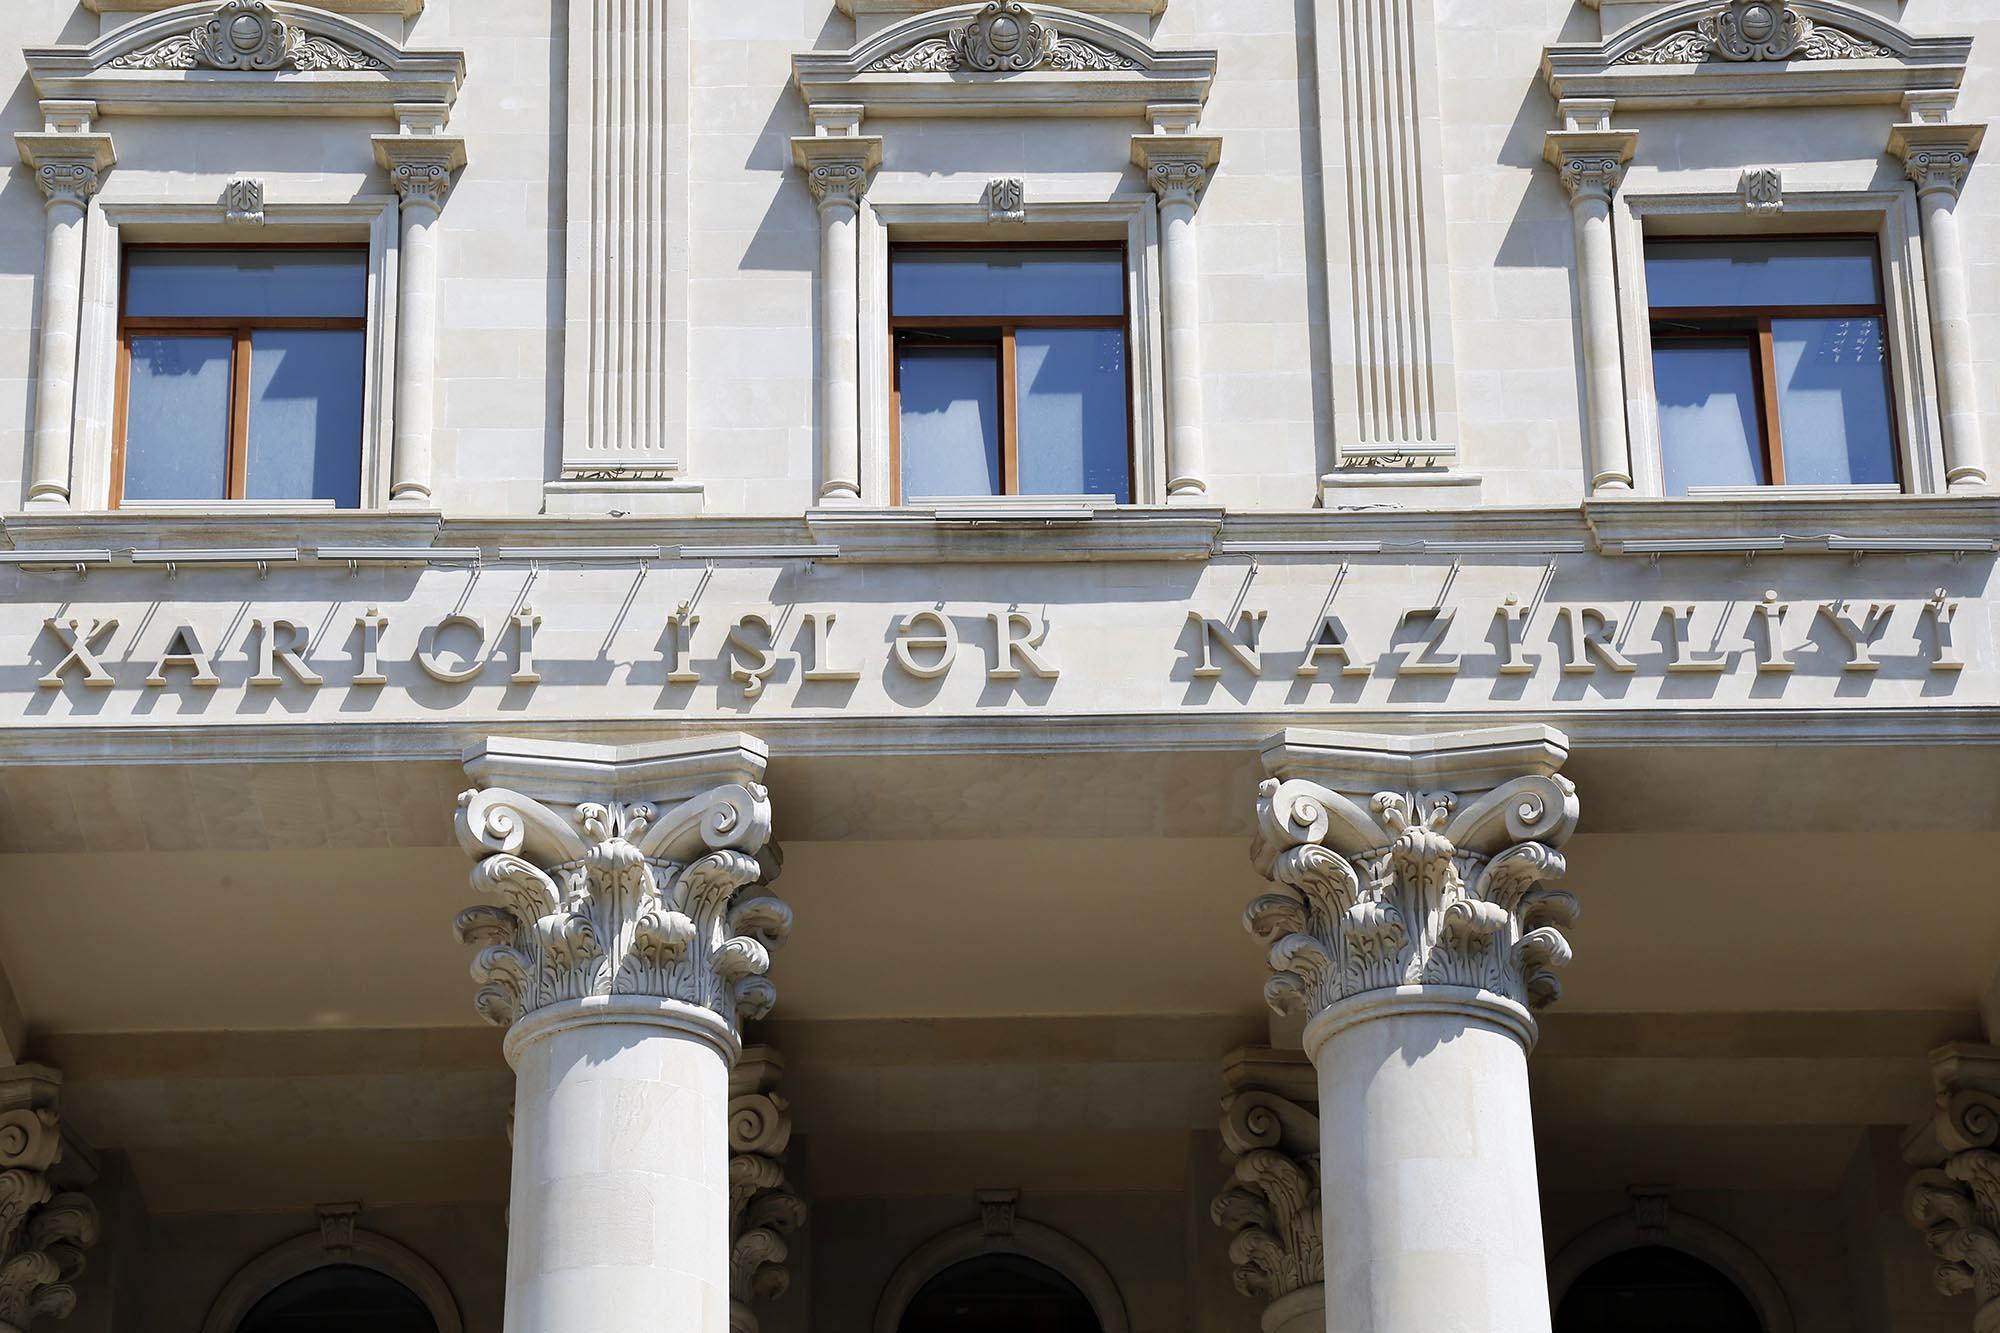 МИД Азербайджана направило ноту о прекращении деятельности офиса-координатора ОБСЕ в Баку